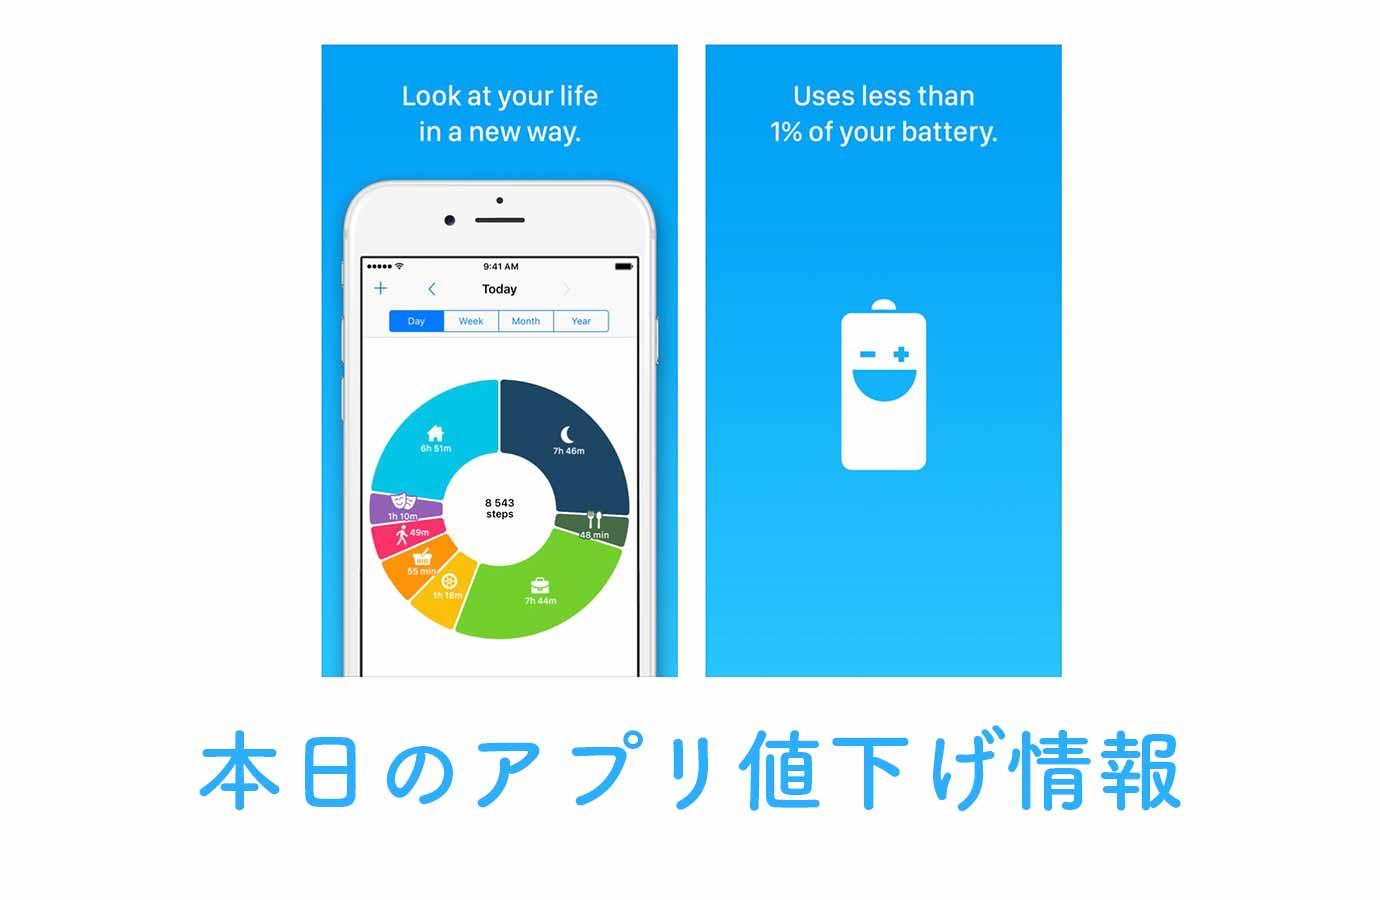 240円→無料!自動的にライフログを記録してくれる「Life Cycle」など【10/24】アプリ値下げ情報